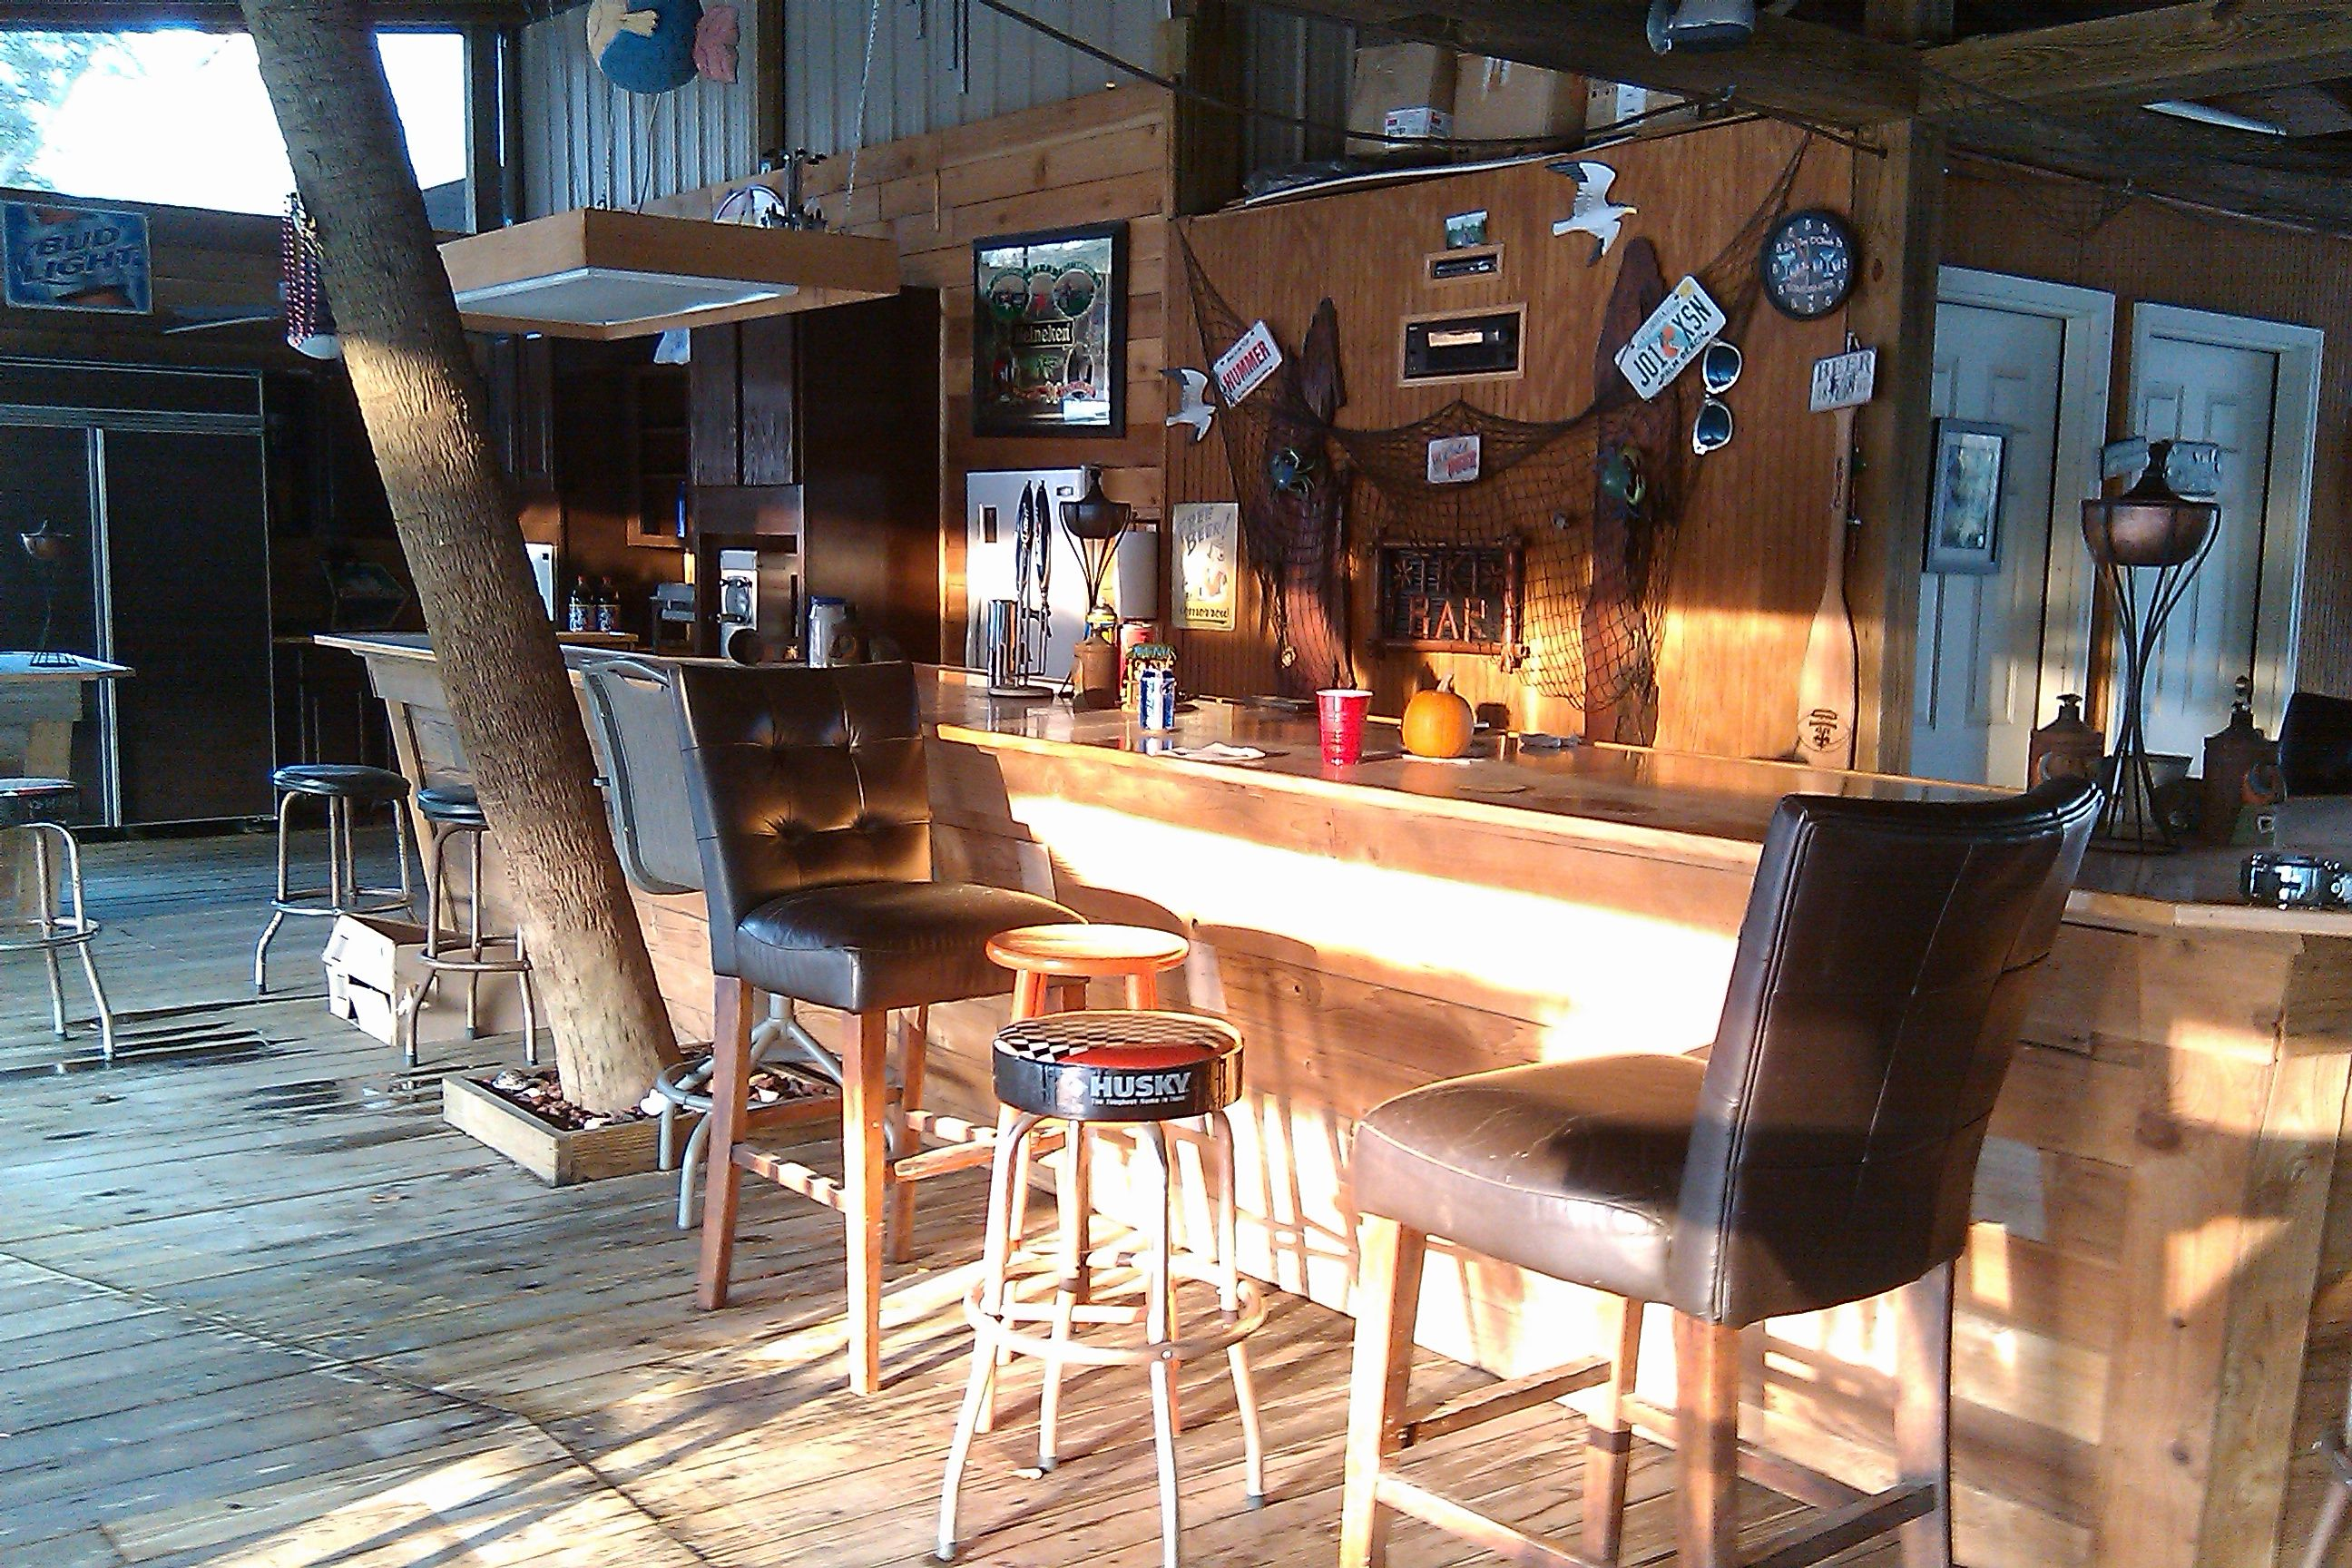 My Back Yard Bar & Grill!!! | Bar b que grills, My dream home